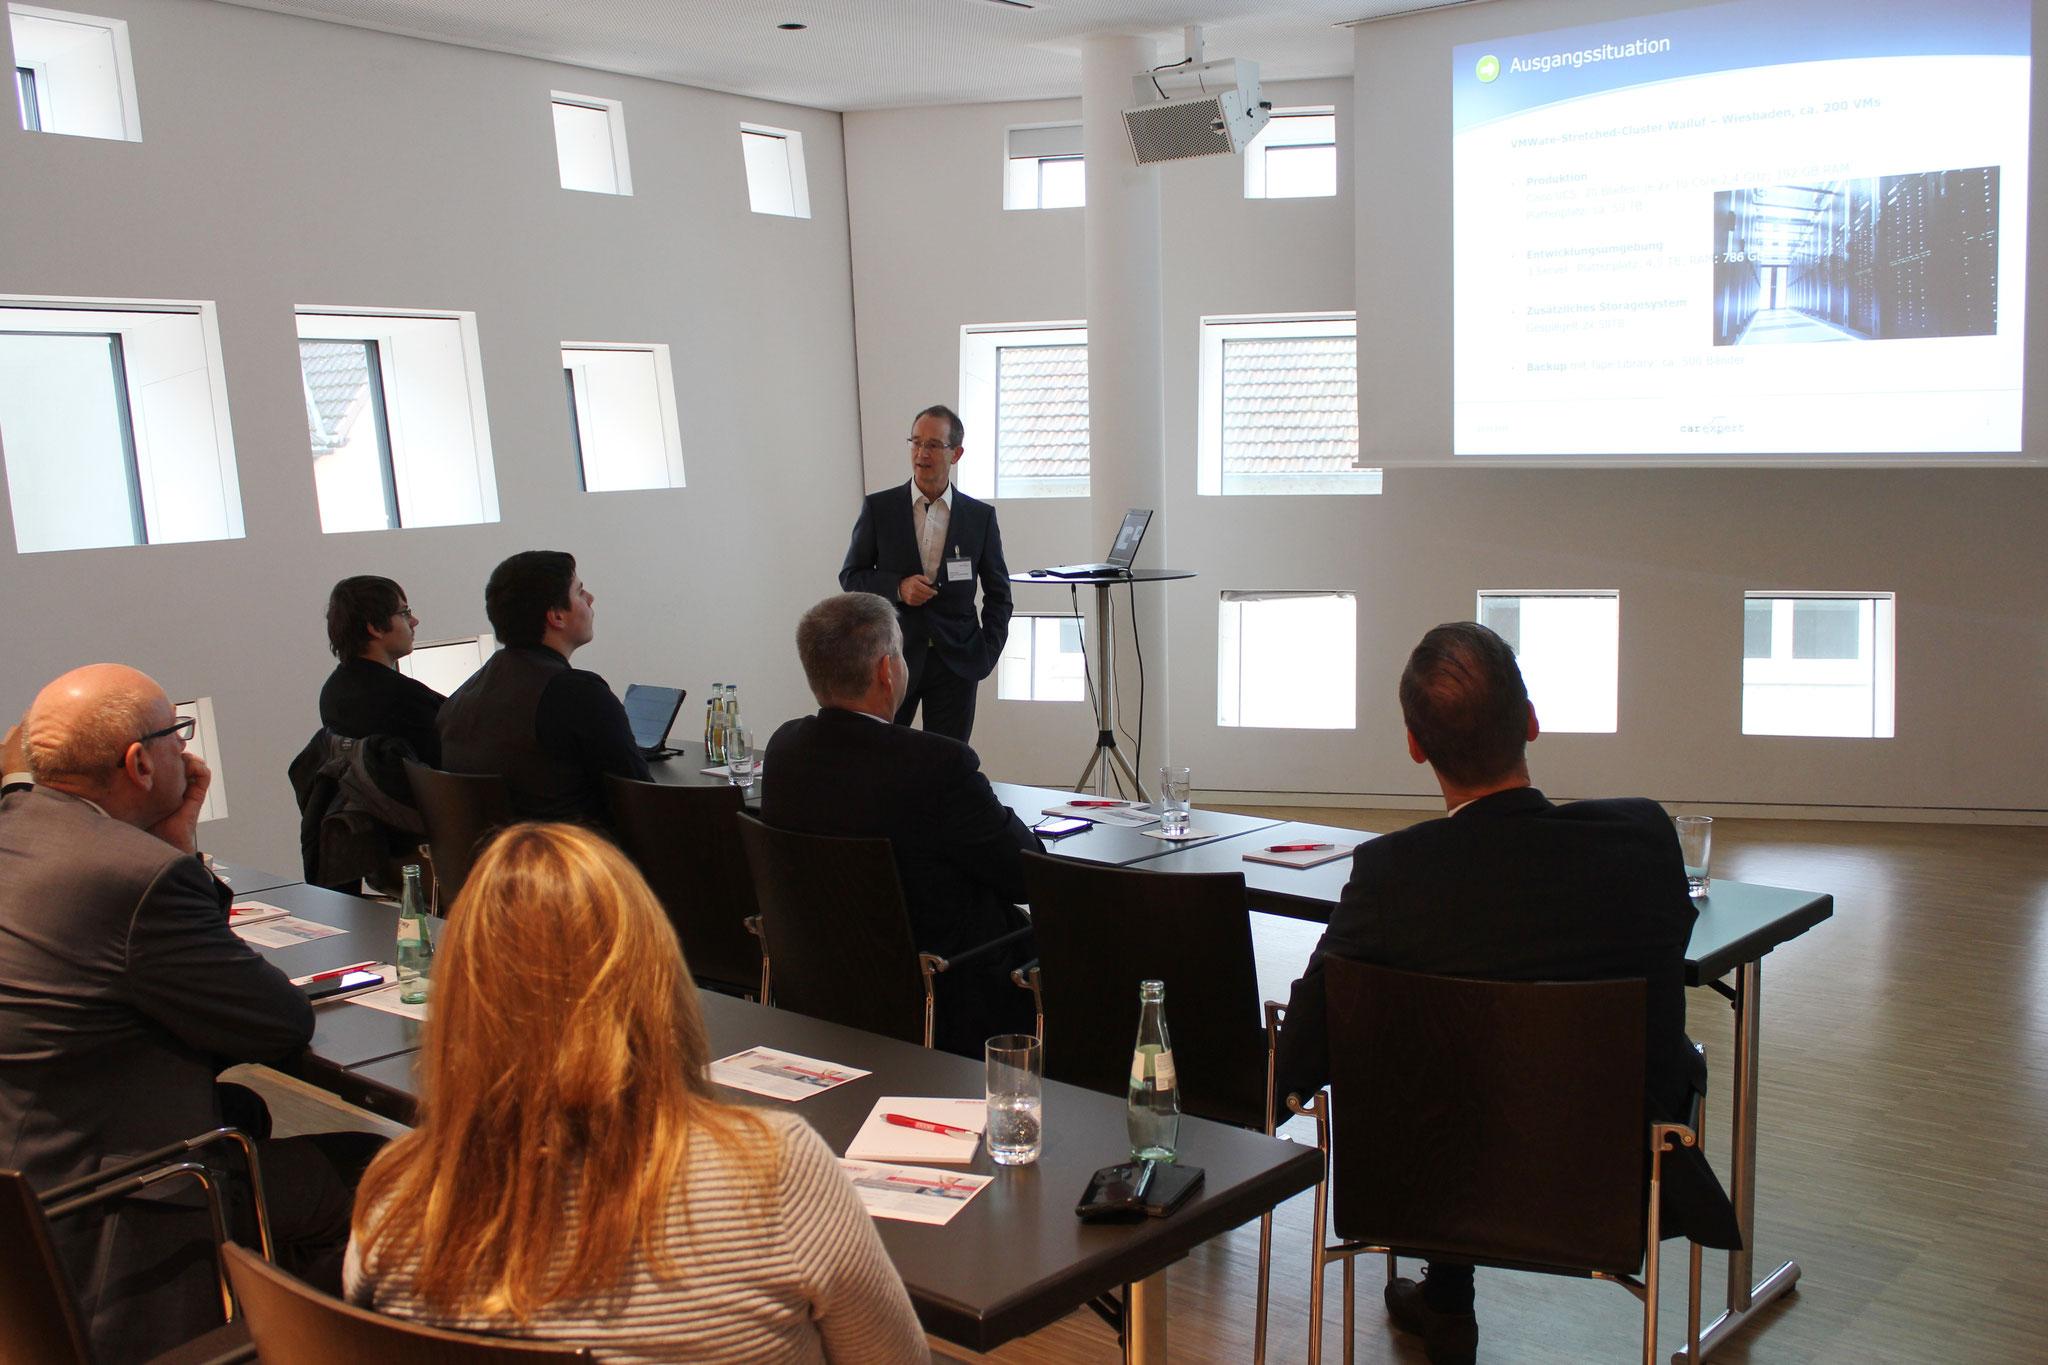 Sebastian Denk, Teamleiter IT-Systembetrieb bei carexpert berichtete vom Weg in die Private Cloud aus Kundensicht